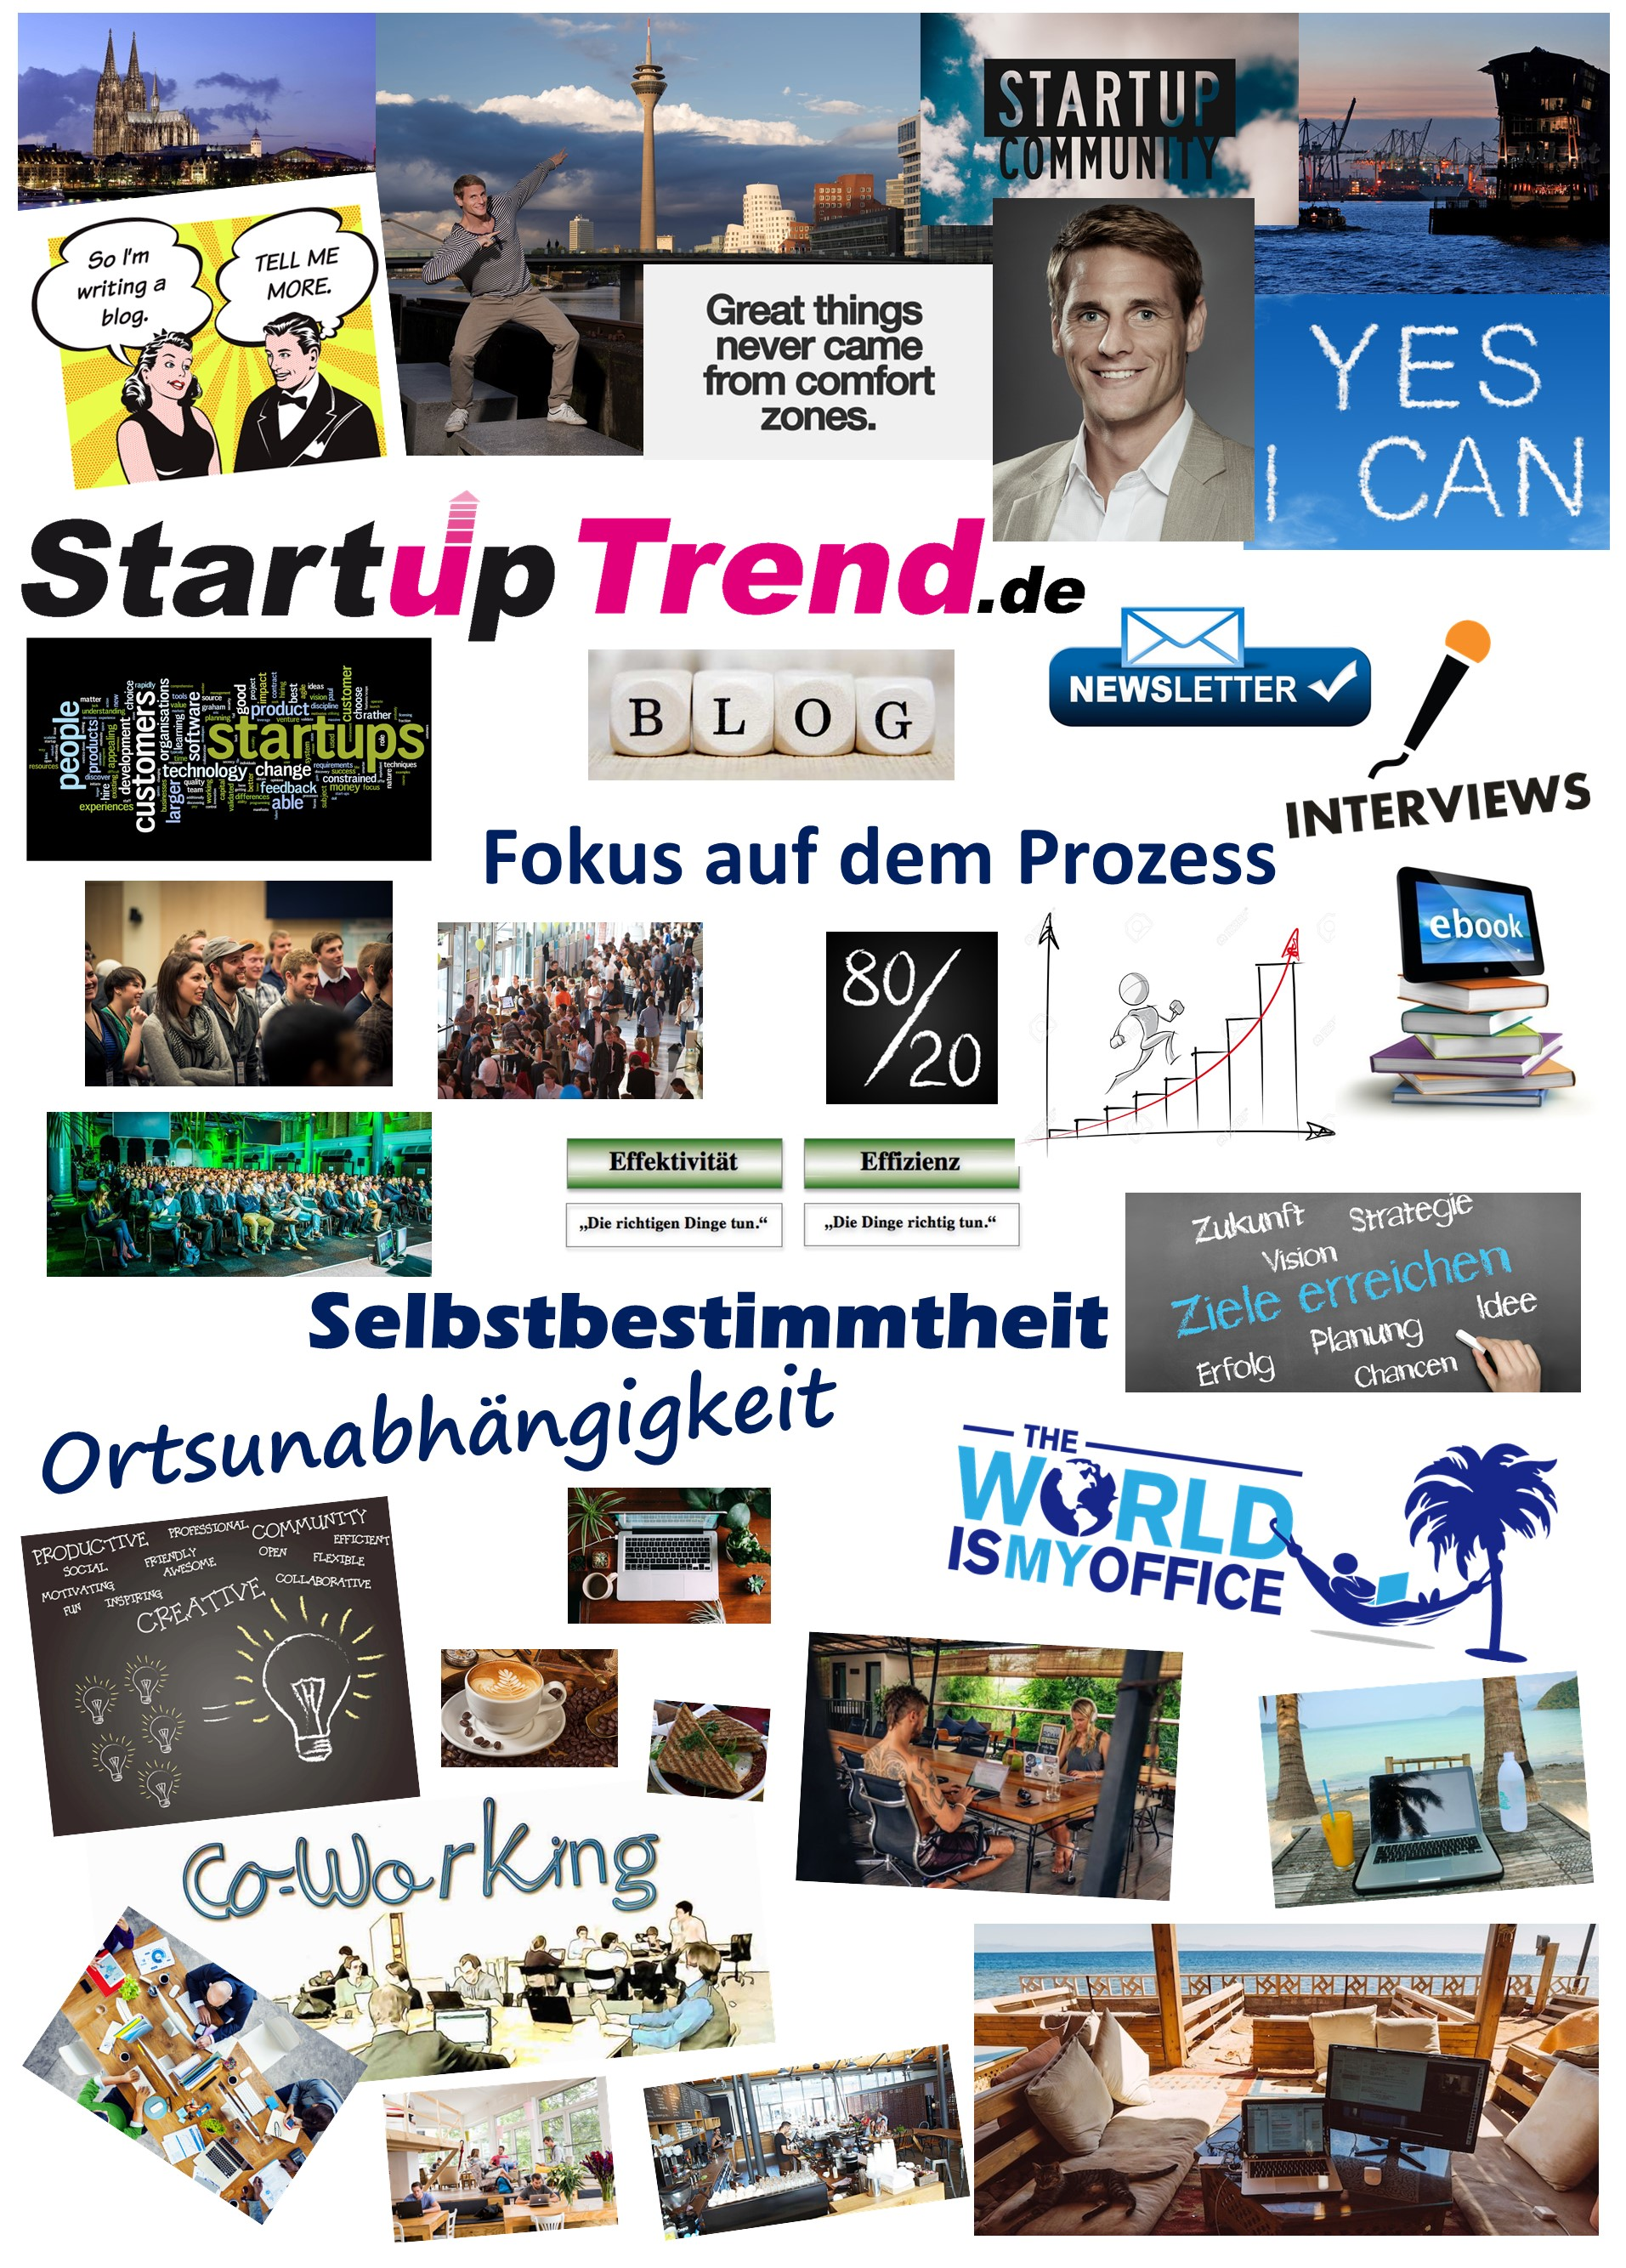 Vision Board StartupTrend